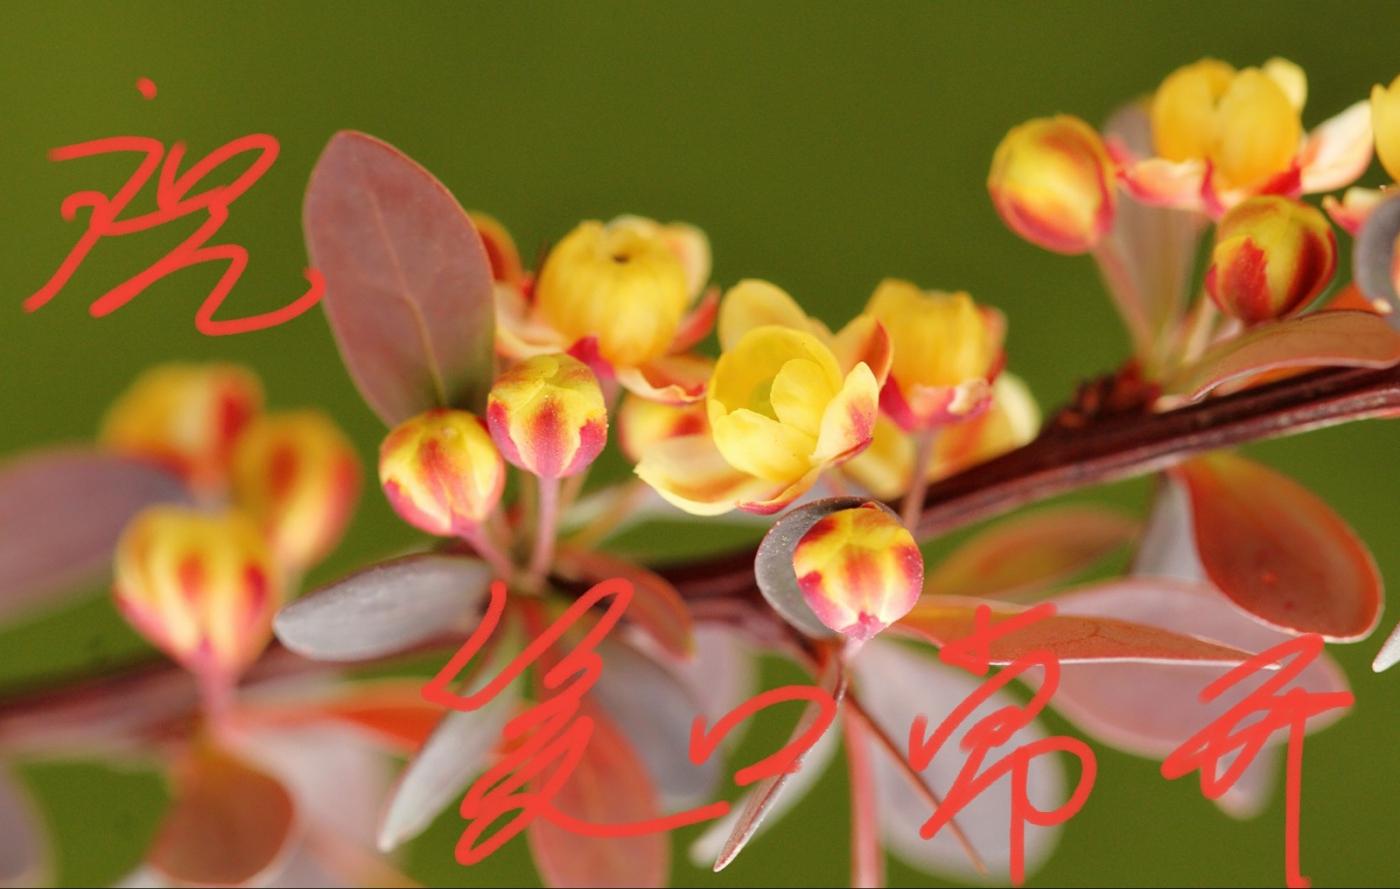 〔田螺攝影〕把祝福寫進花開里 新年好!_圖1-28